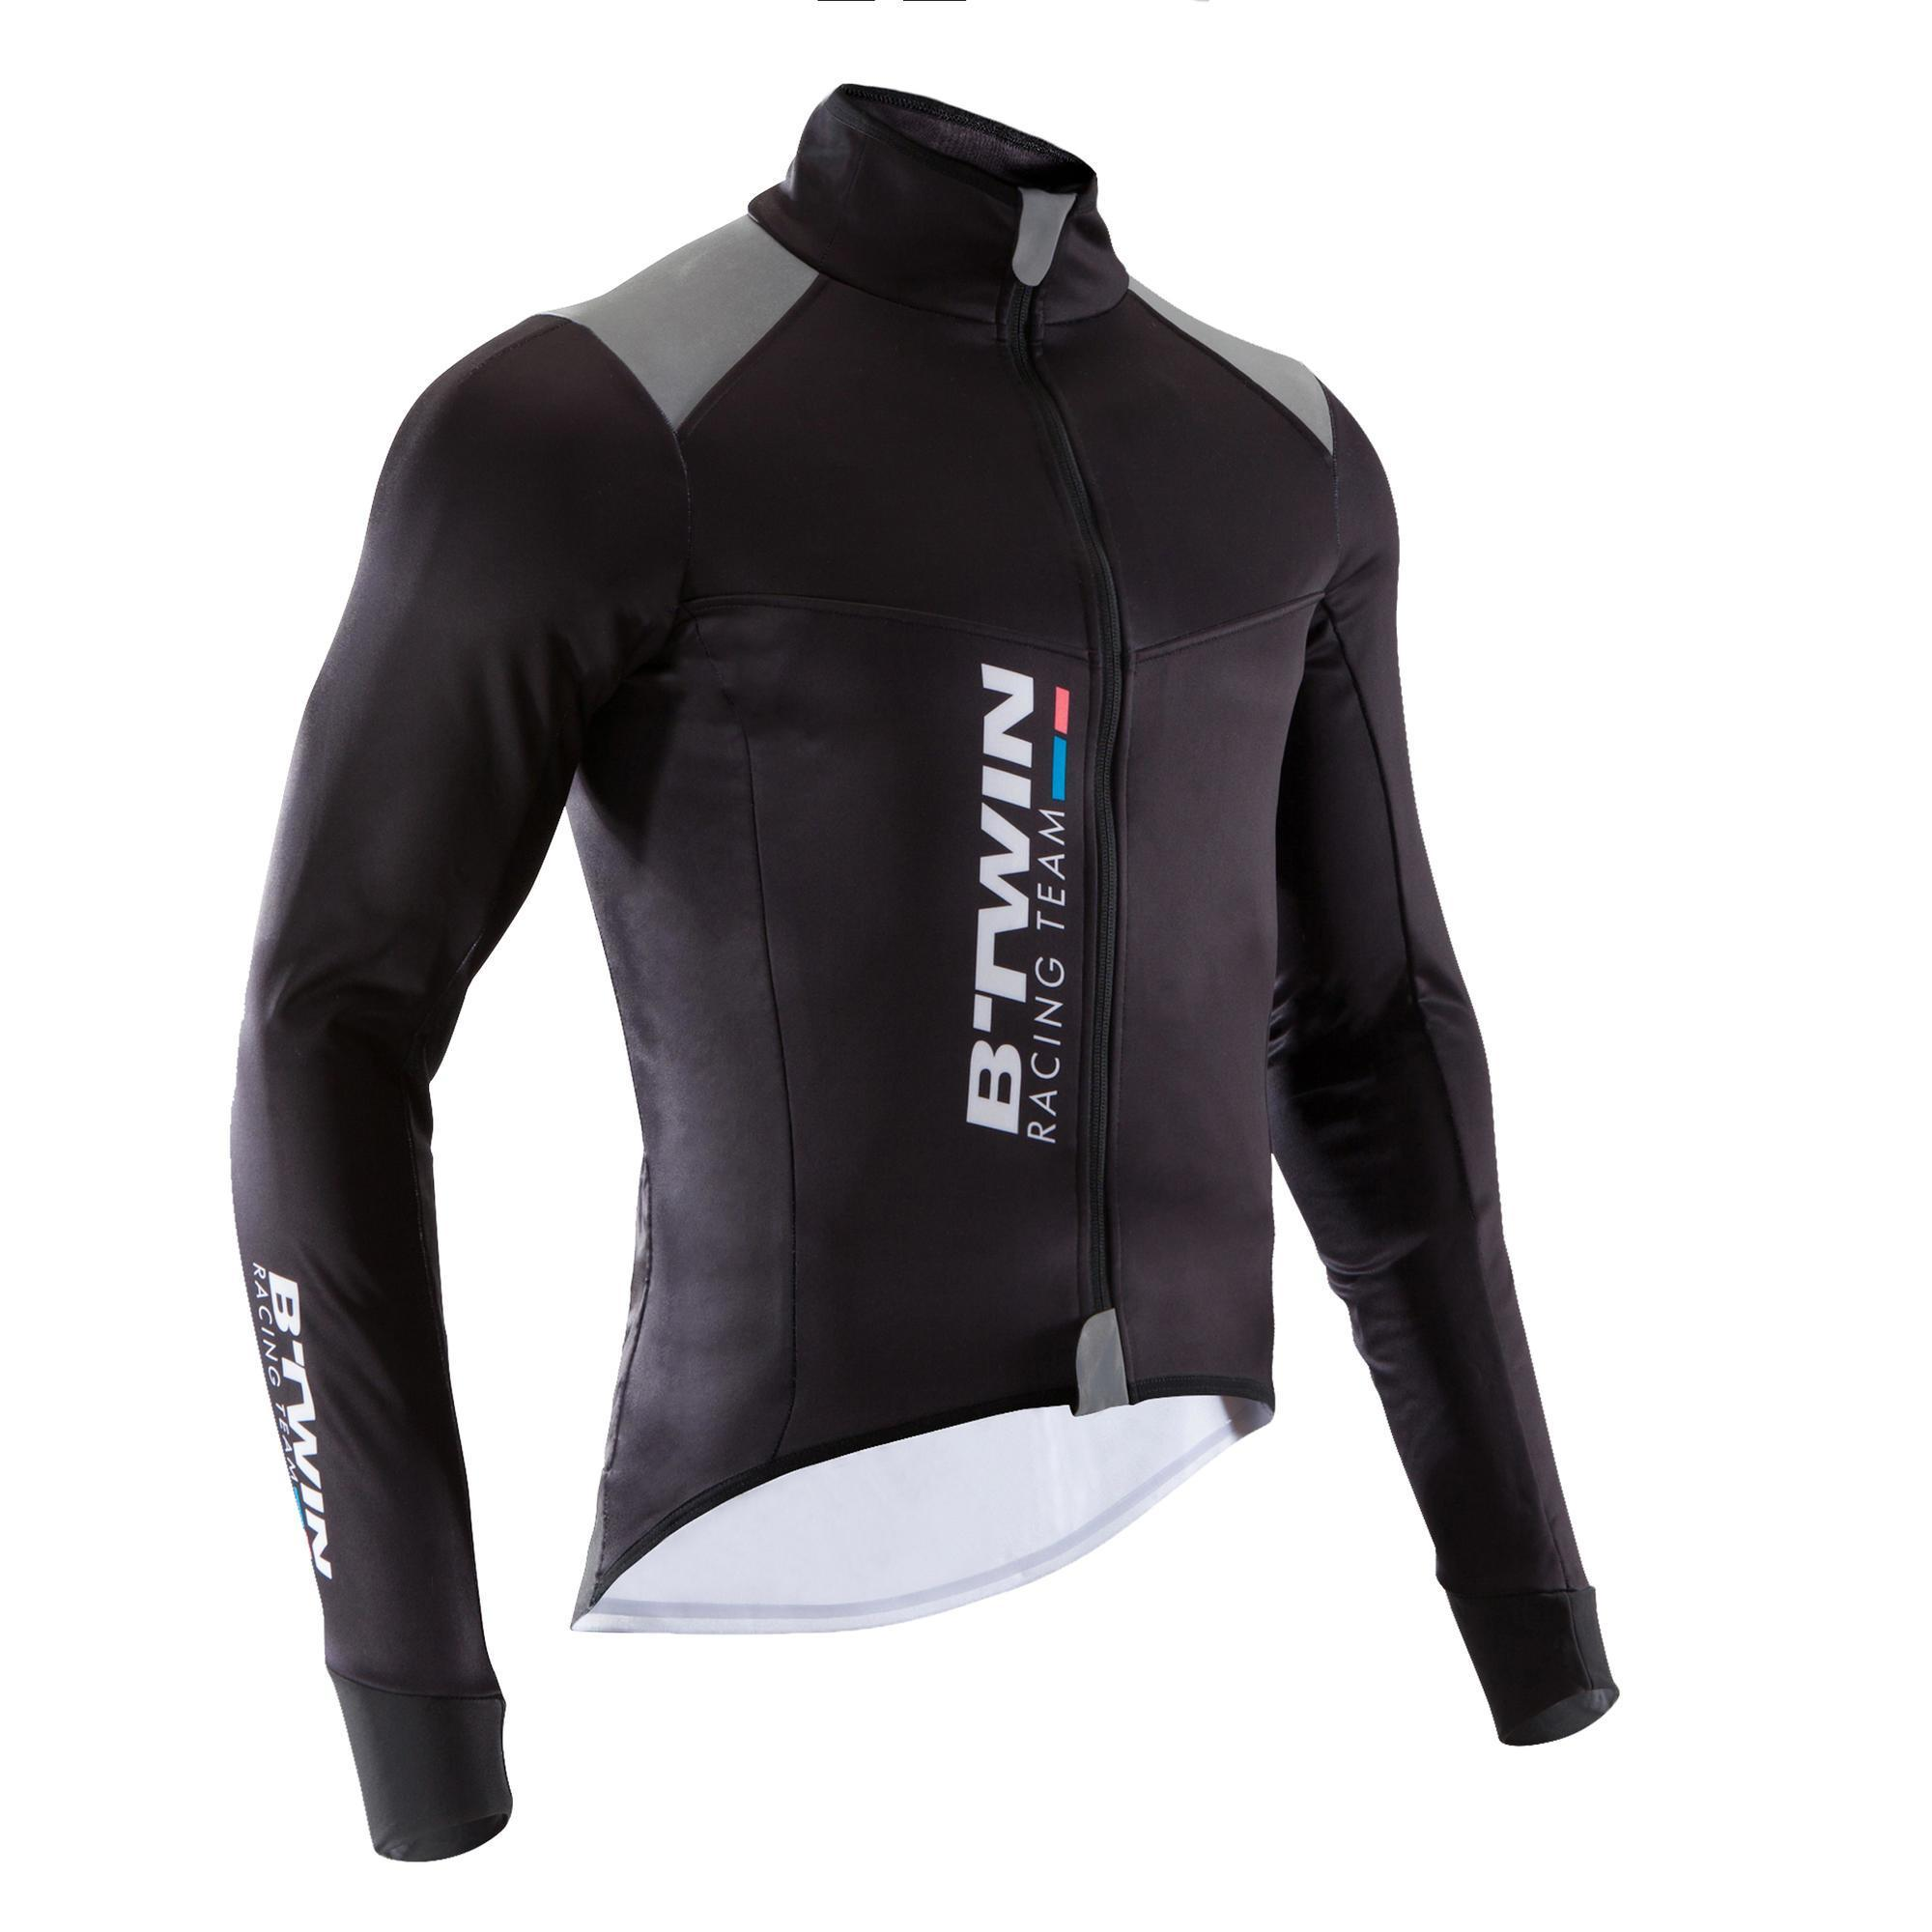 751890988d8d Comprar Chaqueta Ciclismo Invierno Online | Decathlon